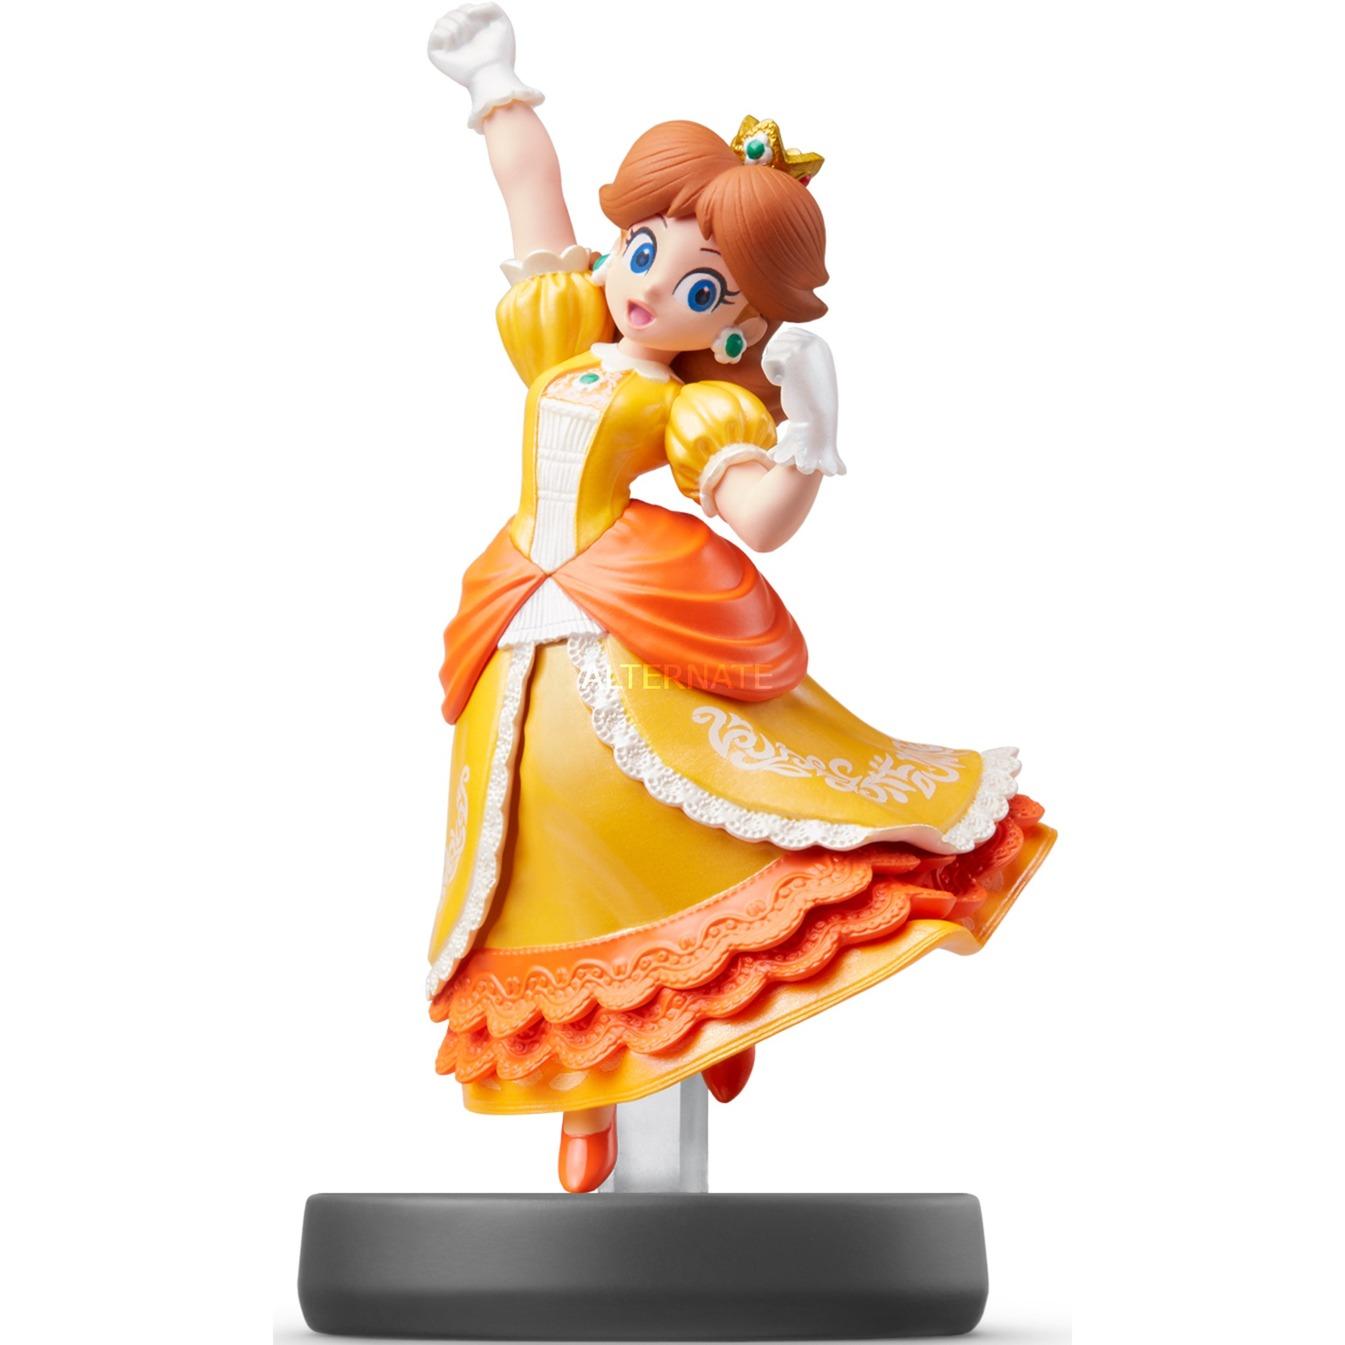 Daisy Figuras coleccionables Adultos y niños, Muñecos